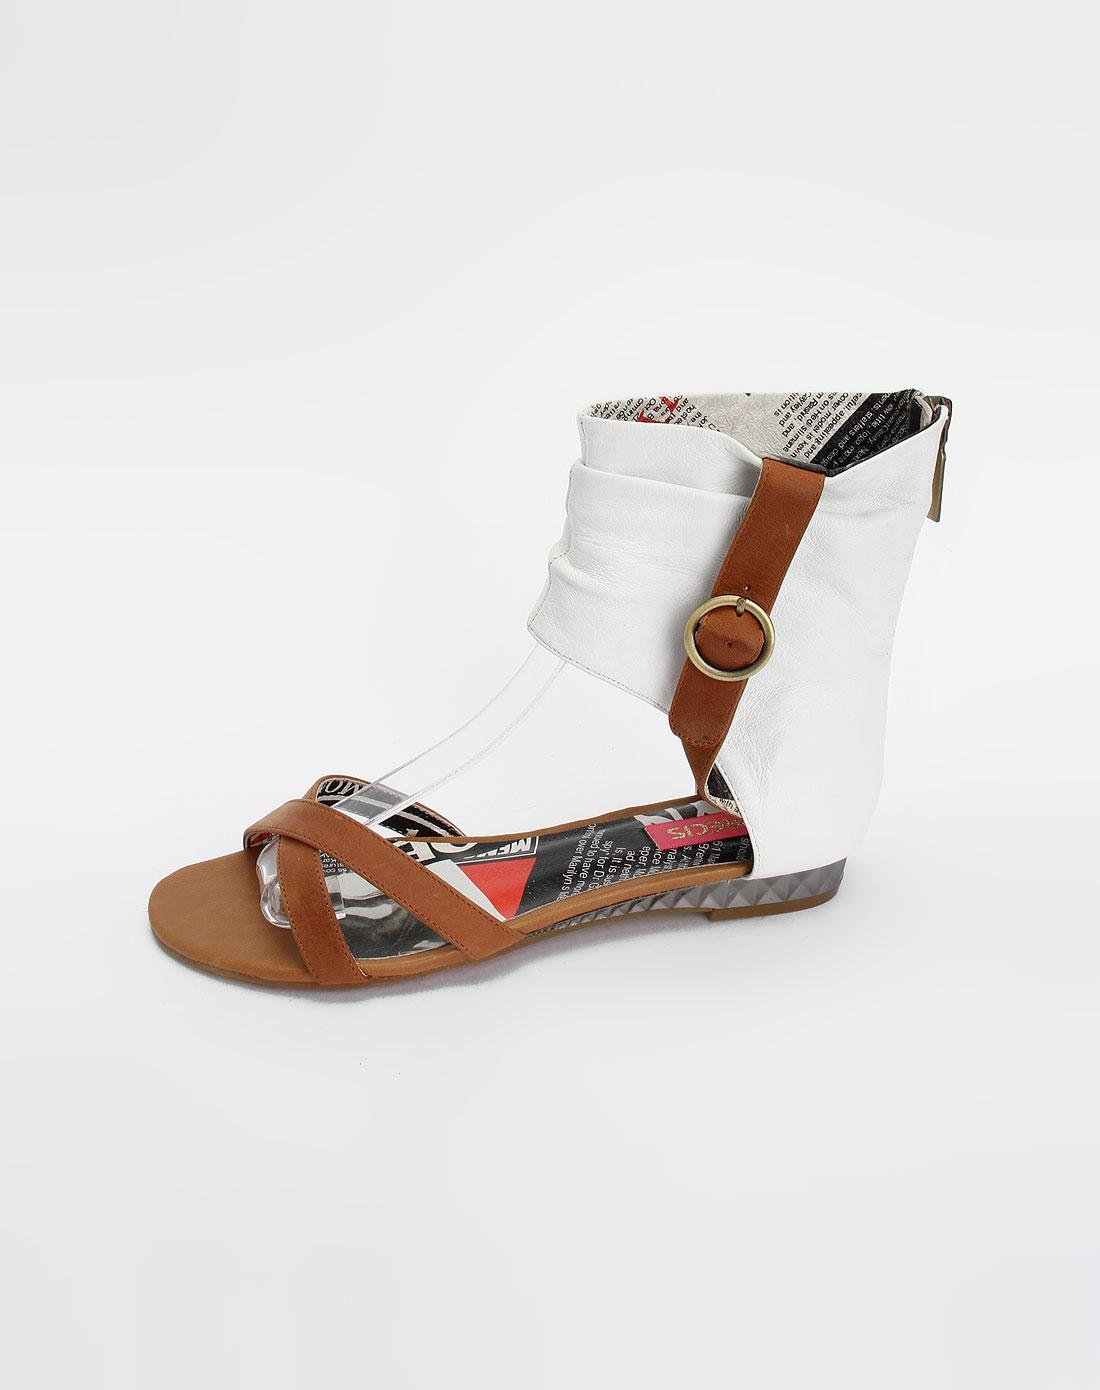 啡/白色时尚凉鞋_安玛莉precis官网特价1.1-4.5折